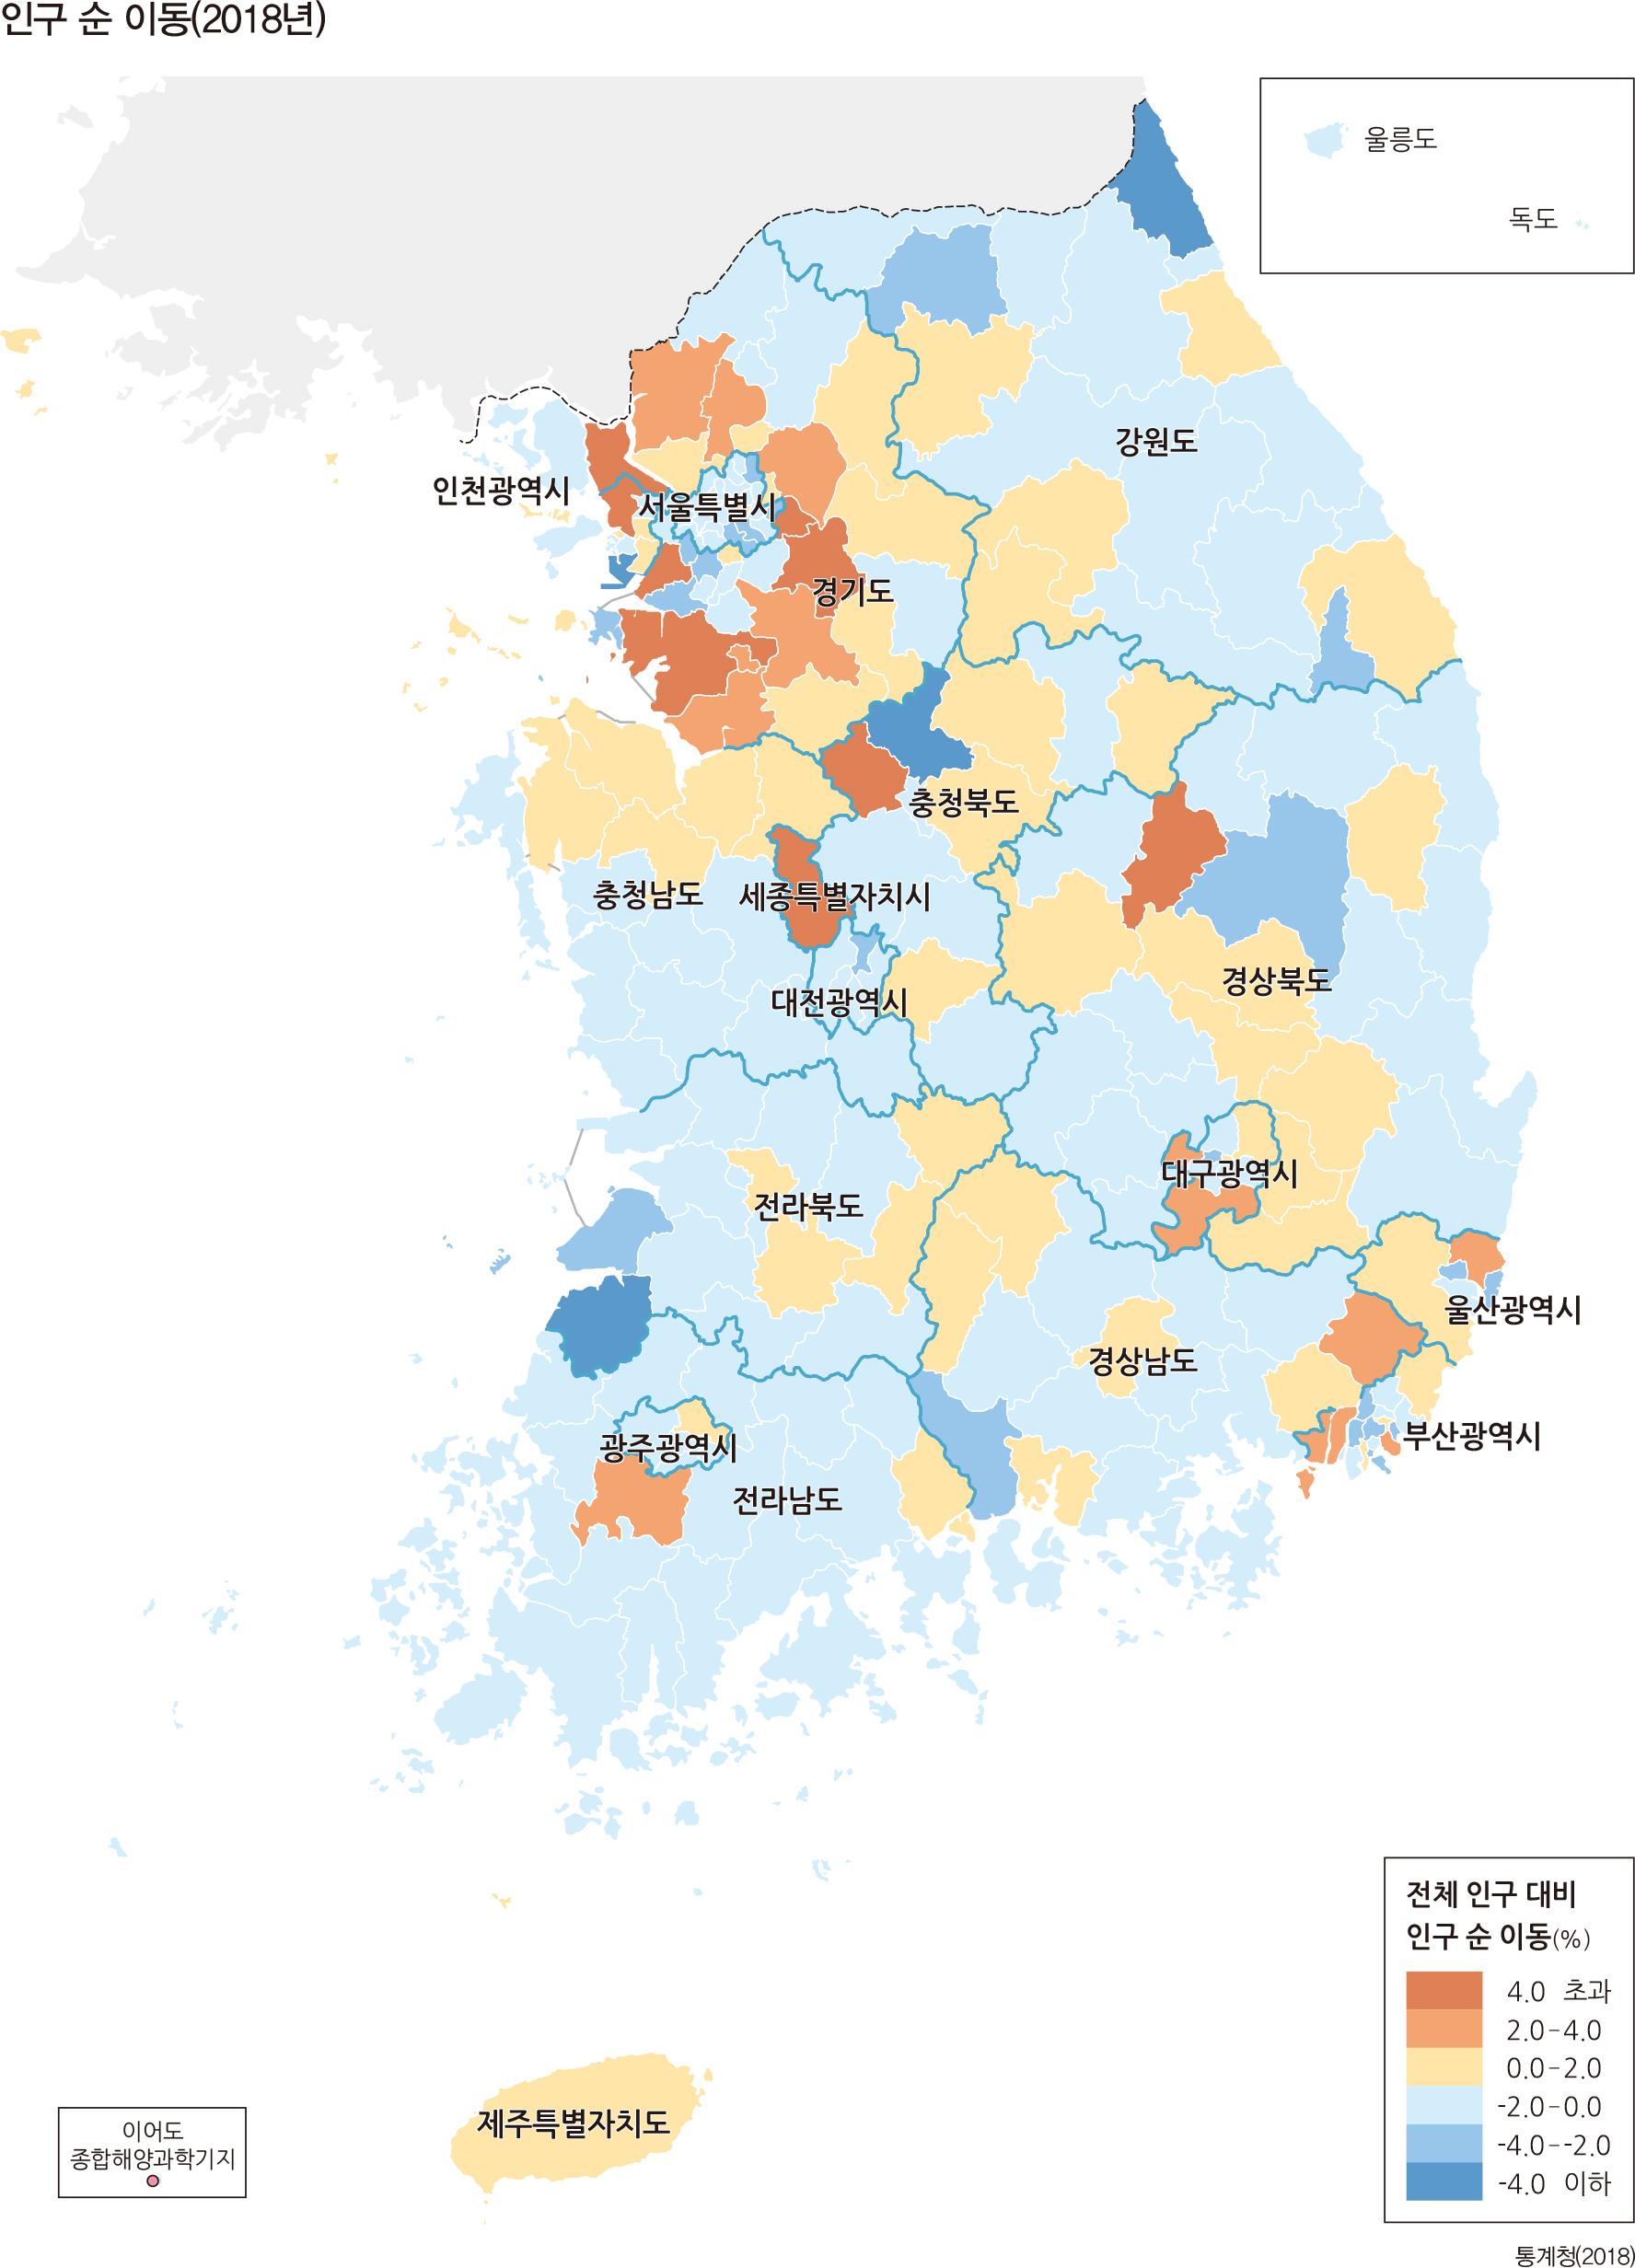 인구 순 이동(2018년)